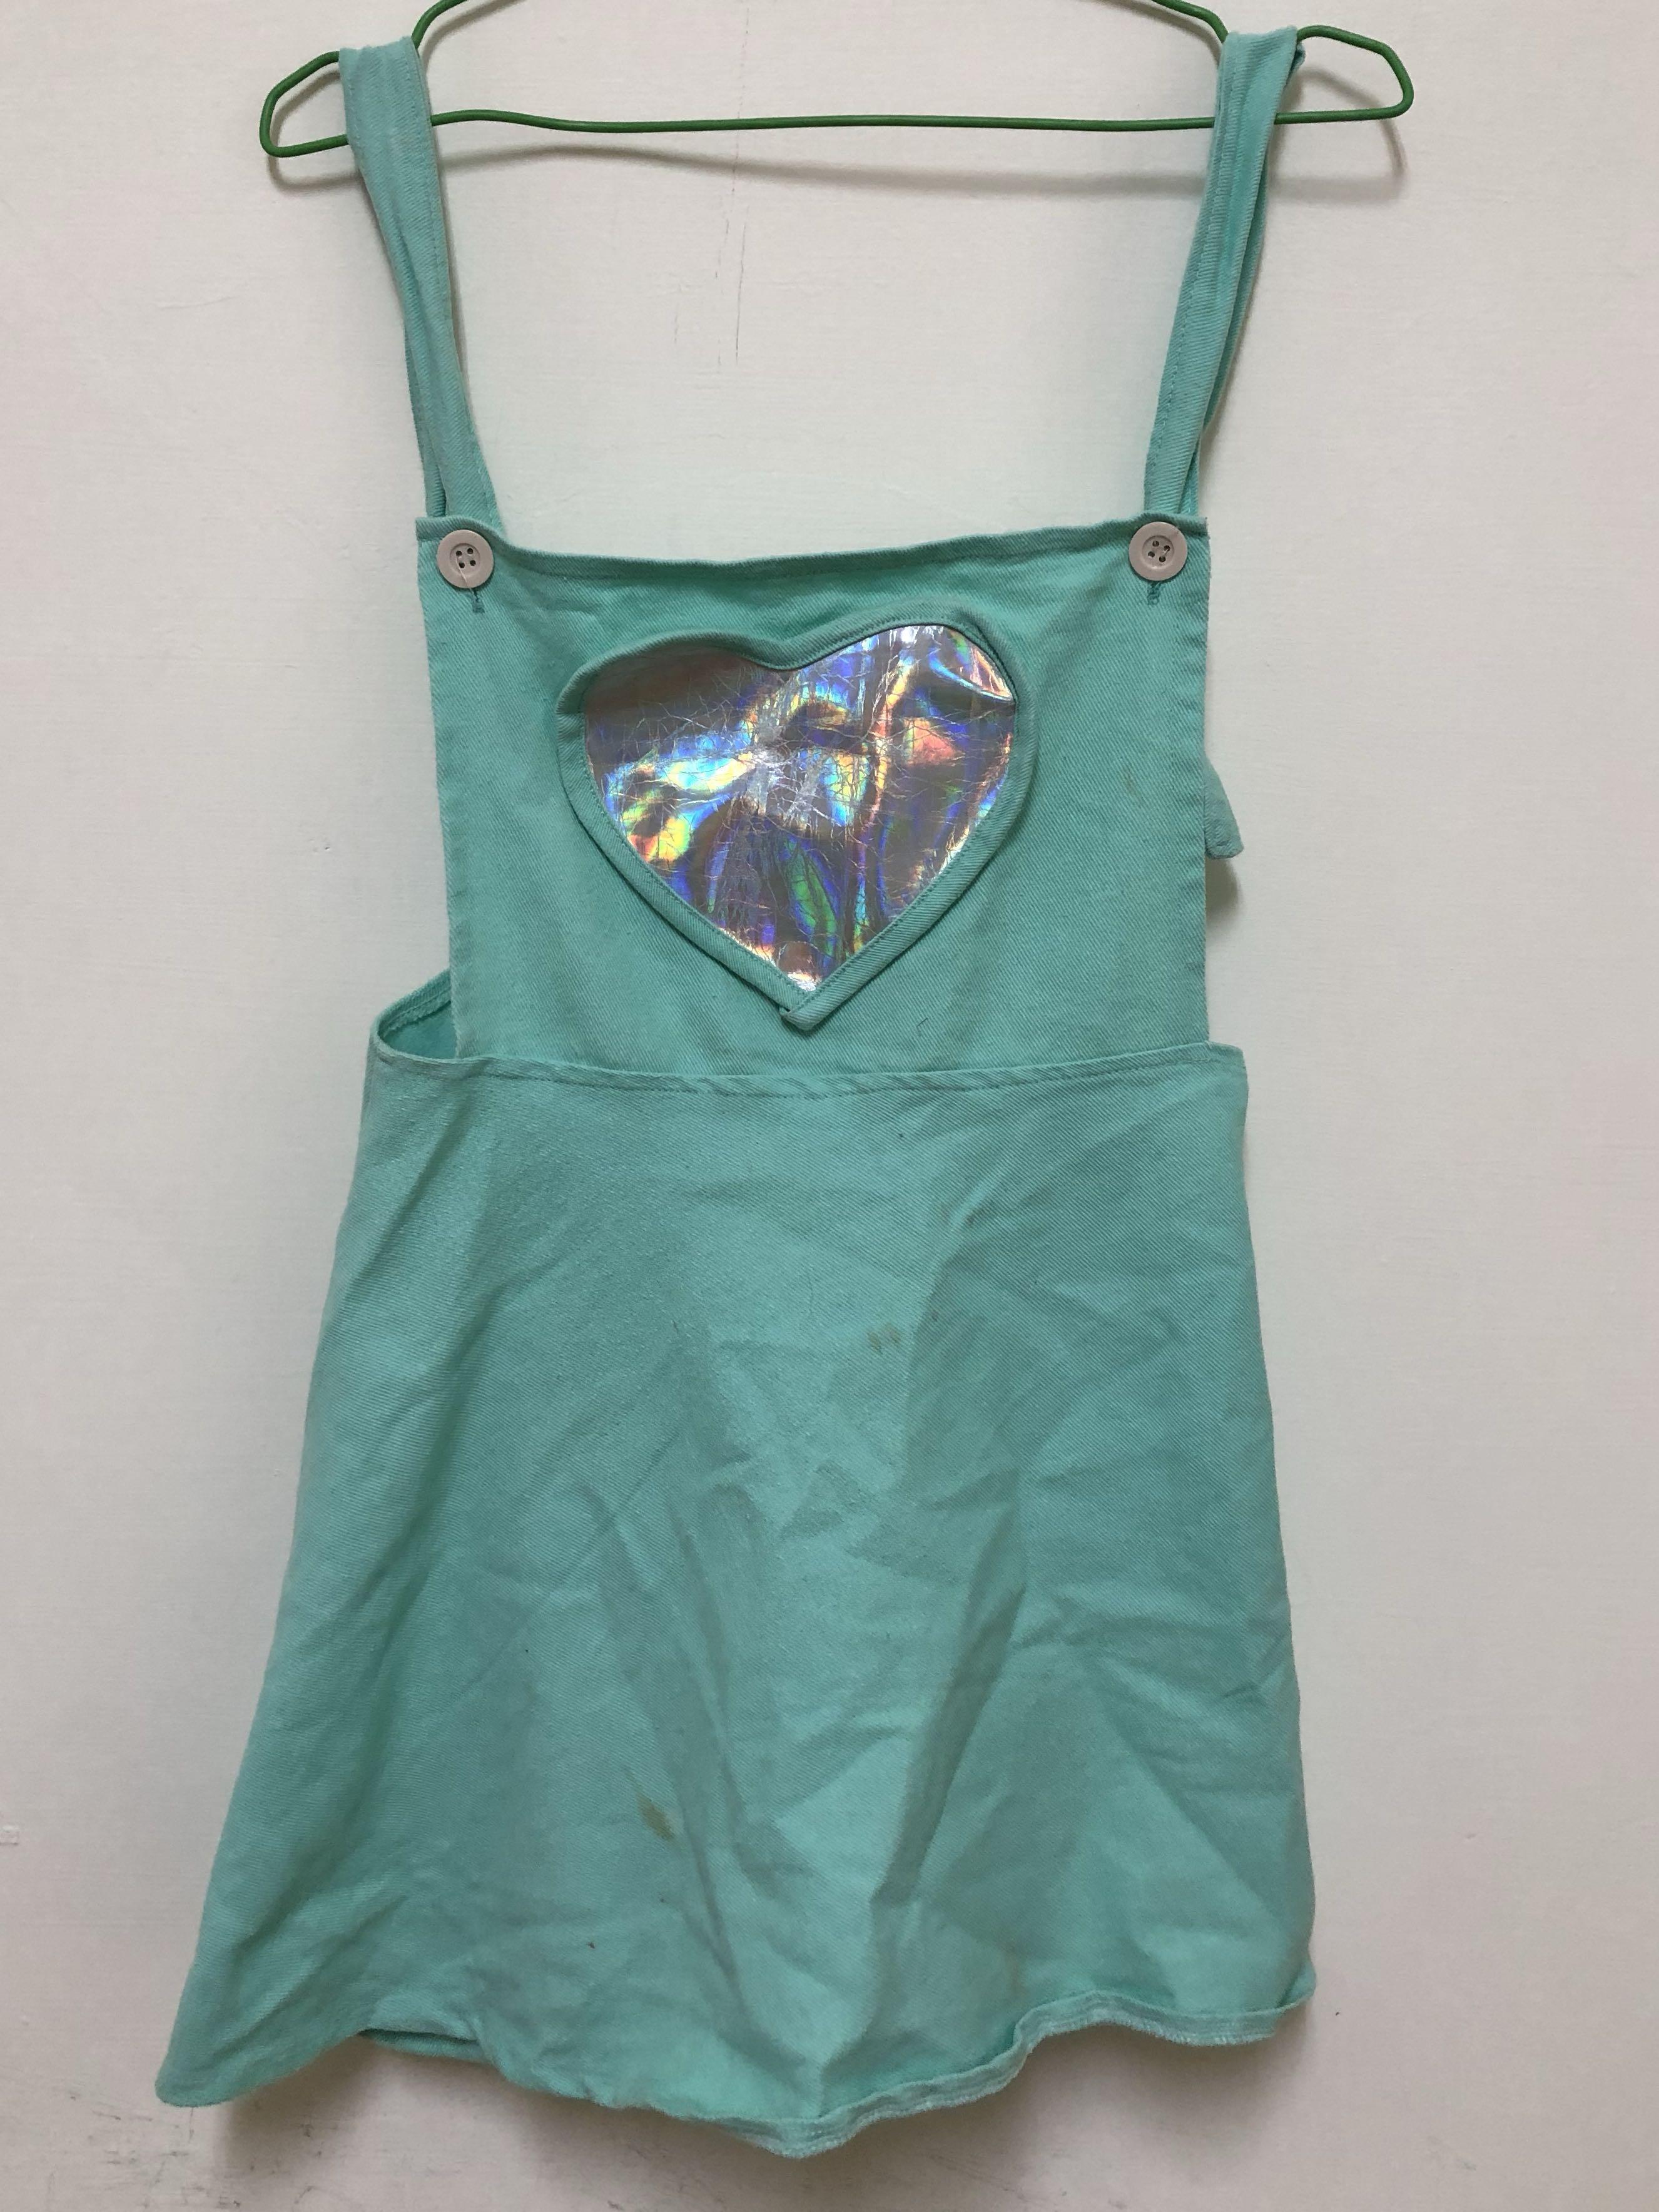 少女 銀光愛心 湖水綠吊帶裙